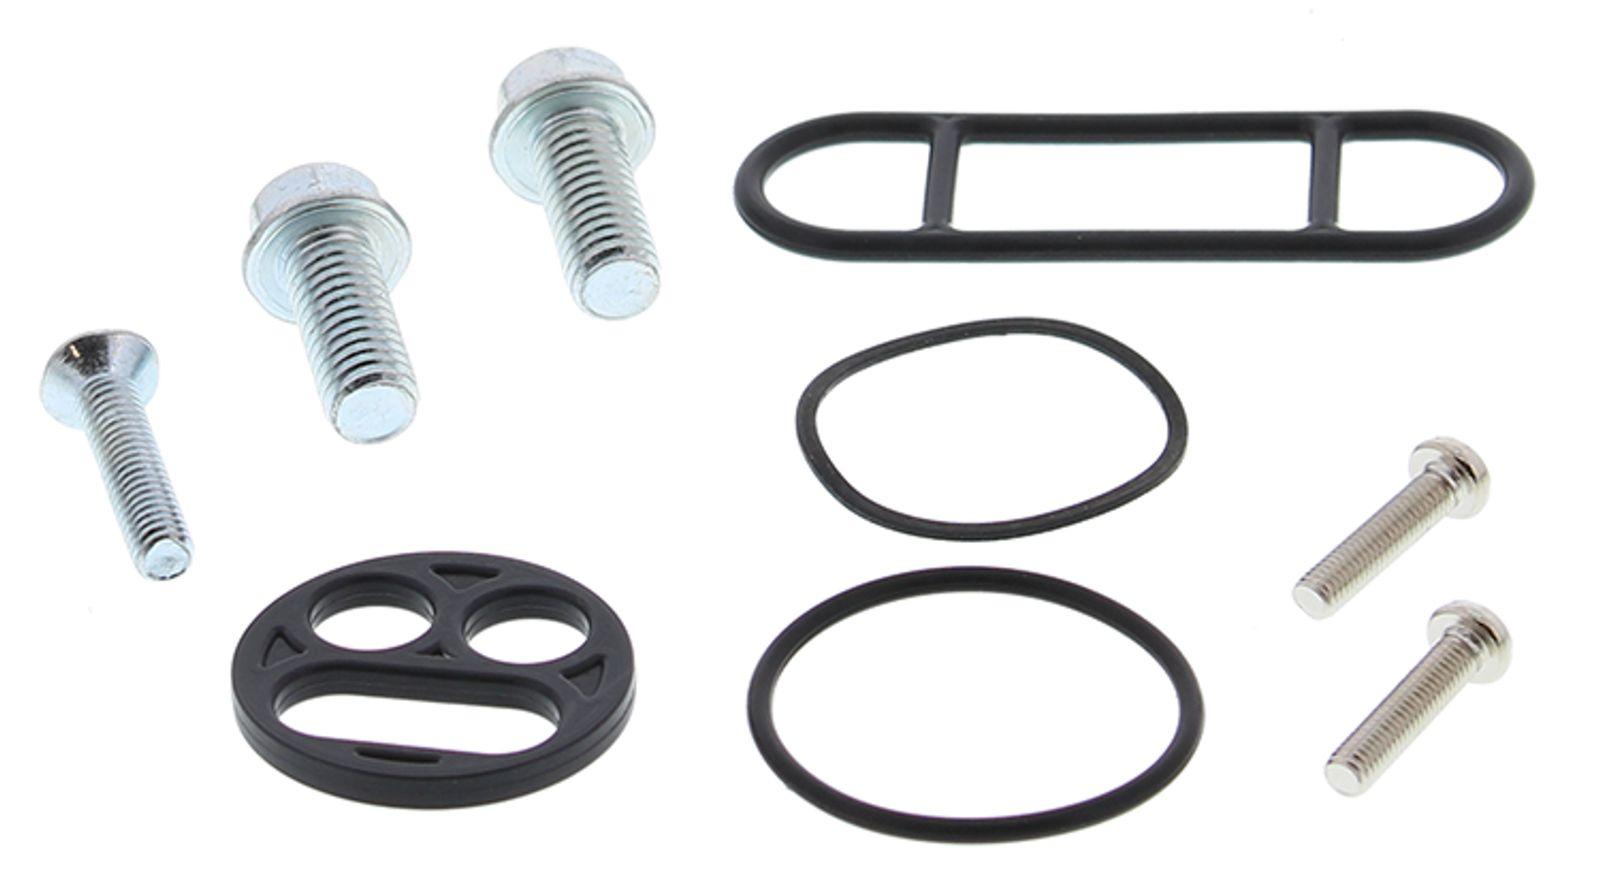 Wrp Fuel Tap Repair Kits - WRP601001 image